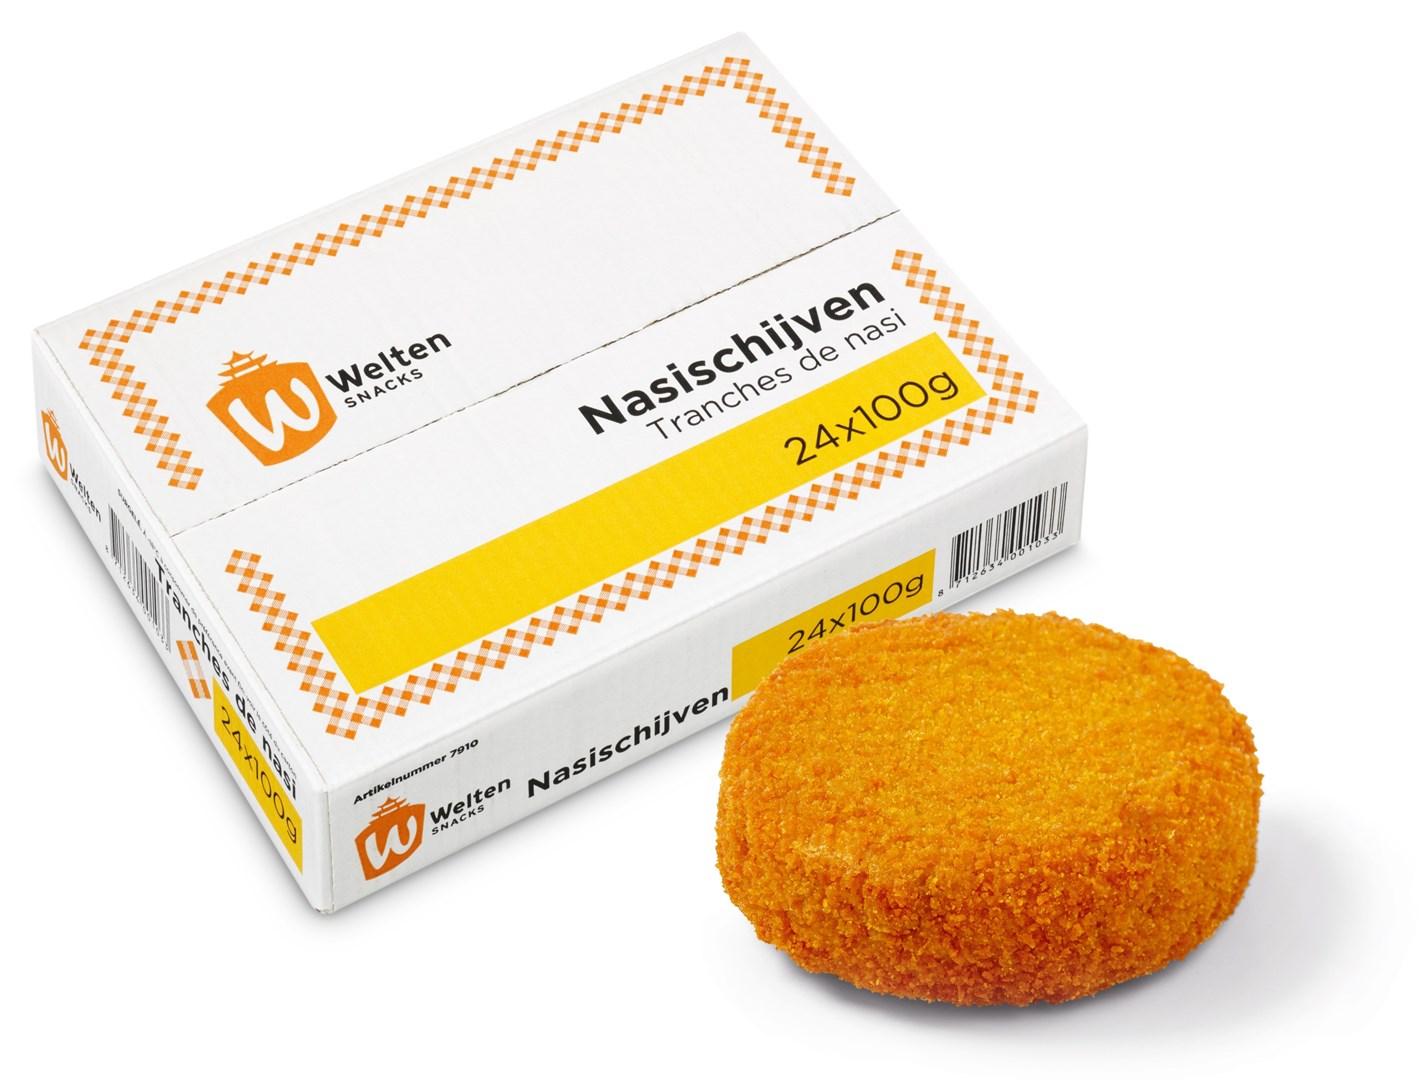 Productafbeelding Welten Snacks Nasi Schijven 24 x 100 gram